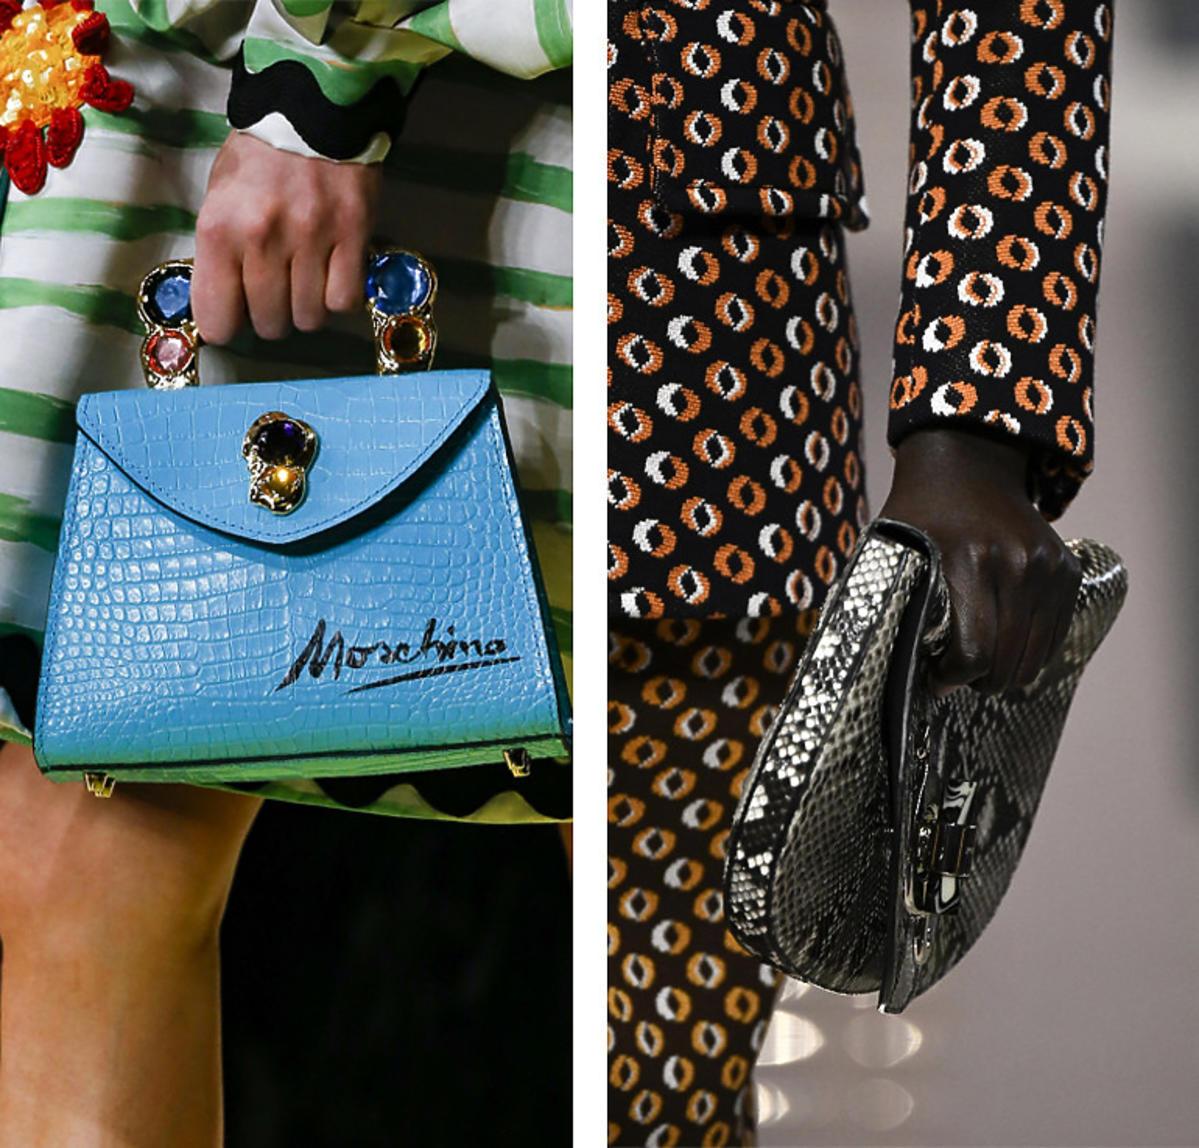 Moschino, Prada - torebki z pokazów wiosna/lato 2020